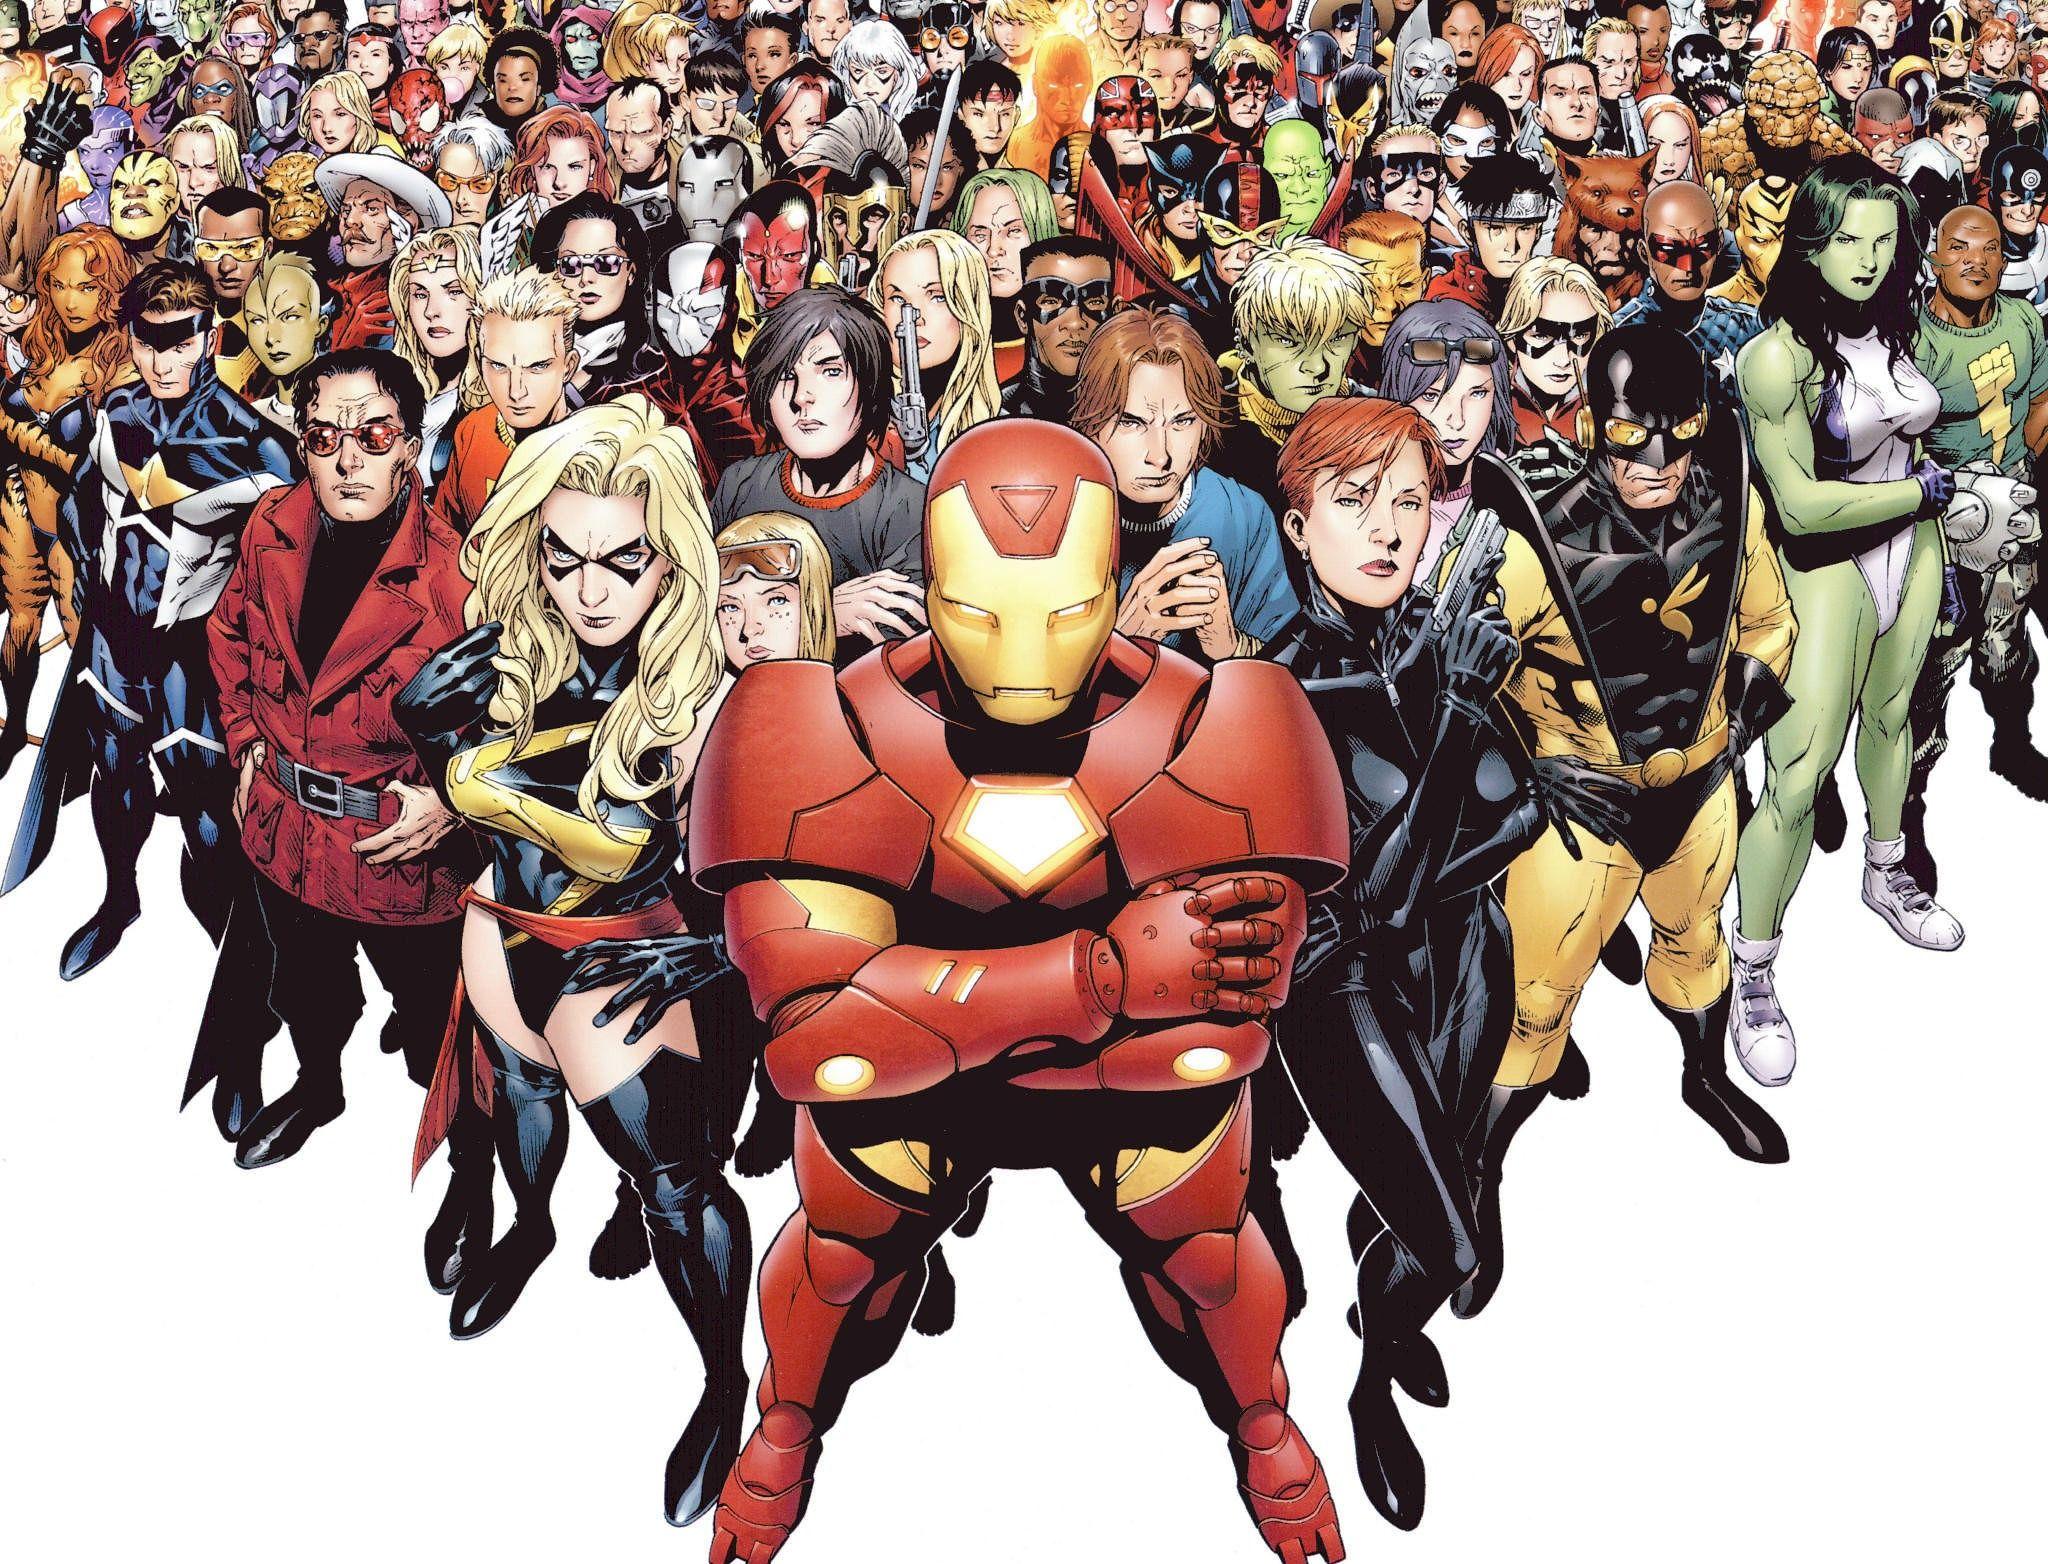 Marvel Super Heroes 60 Superhéroes: Every Superhero Film Being Released Between 2016 And 2020